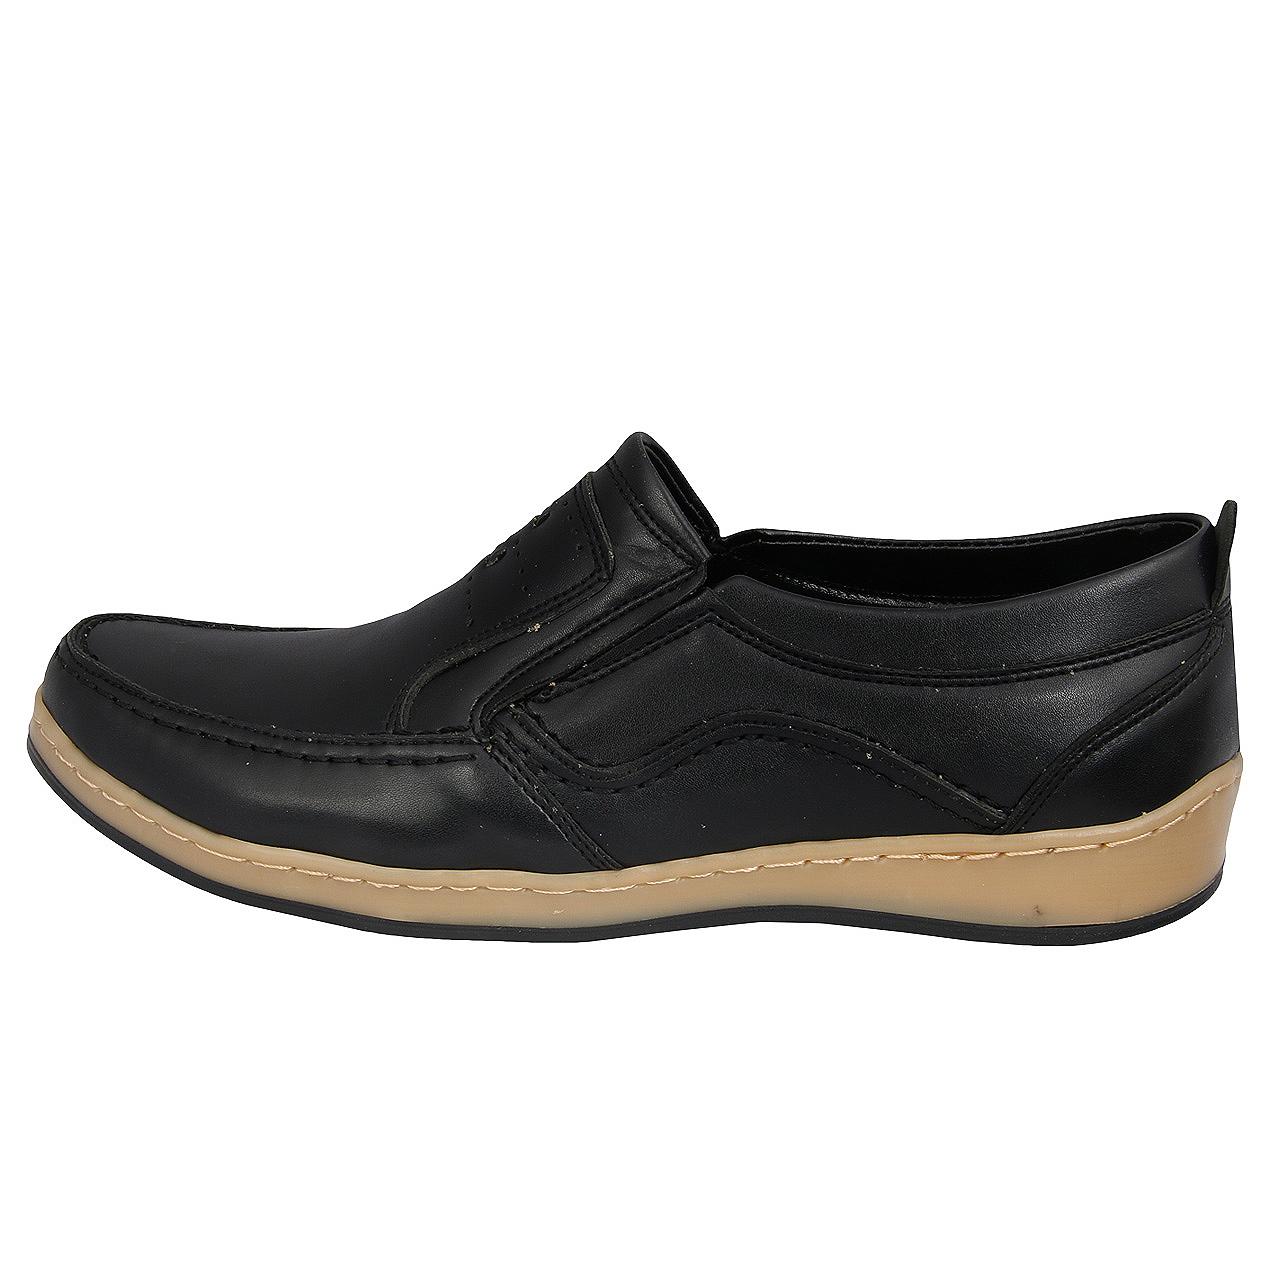 کفش مردانه کد 324006102